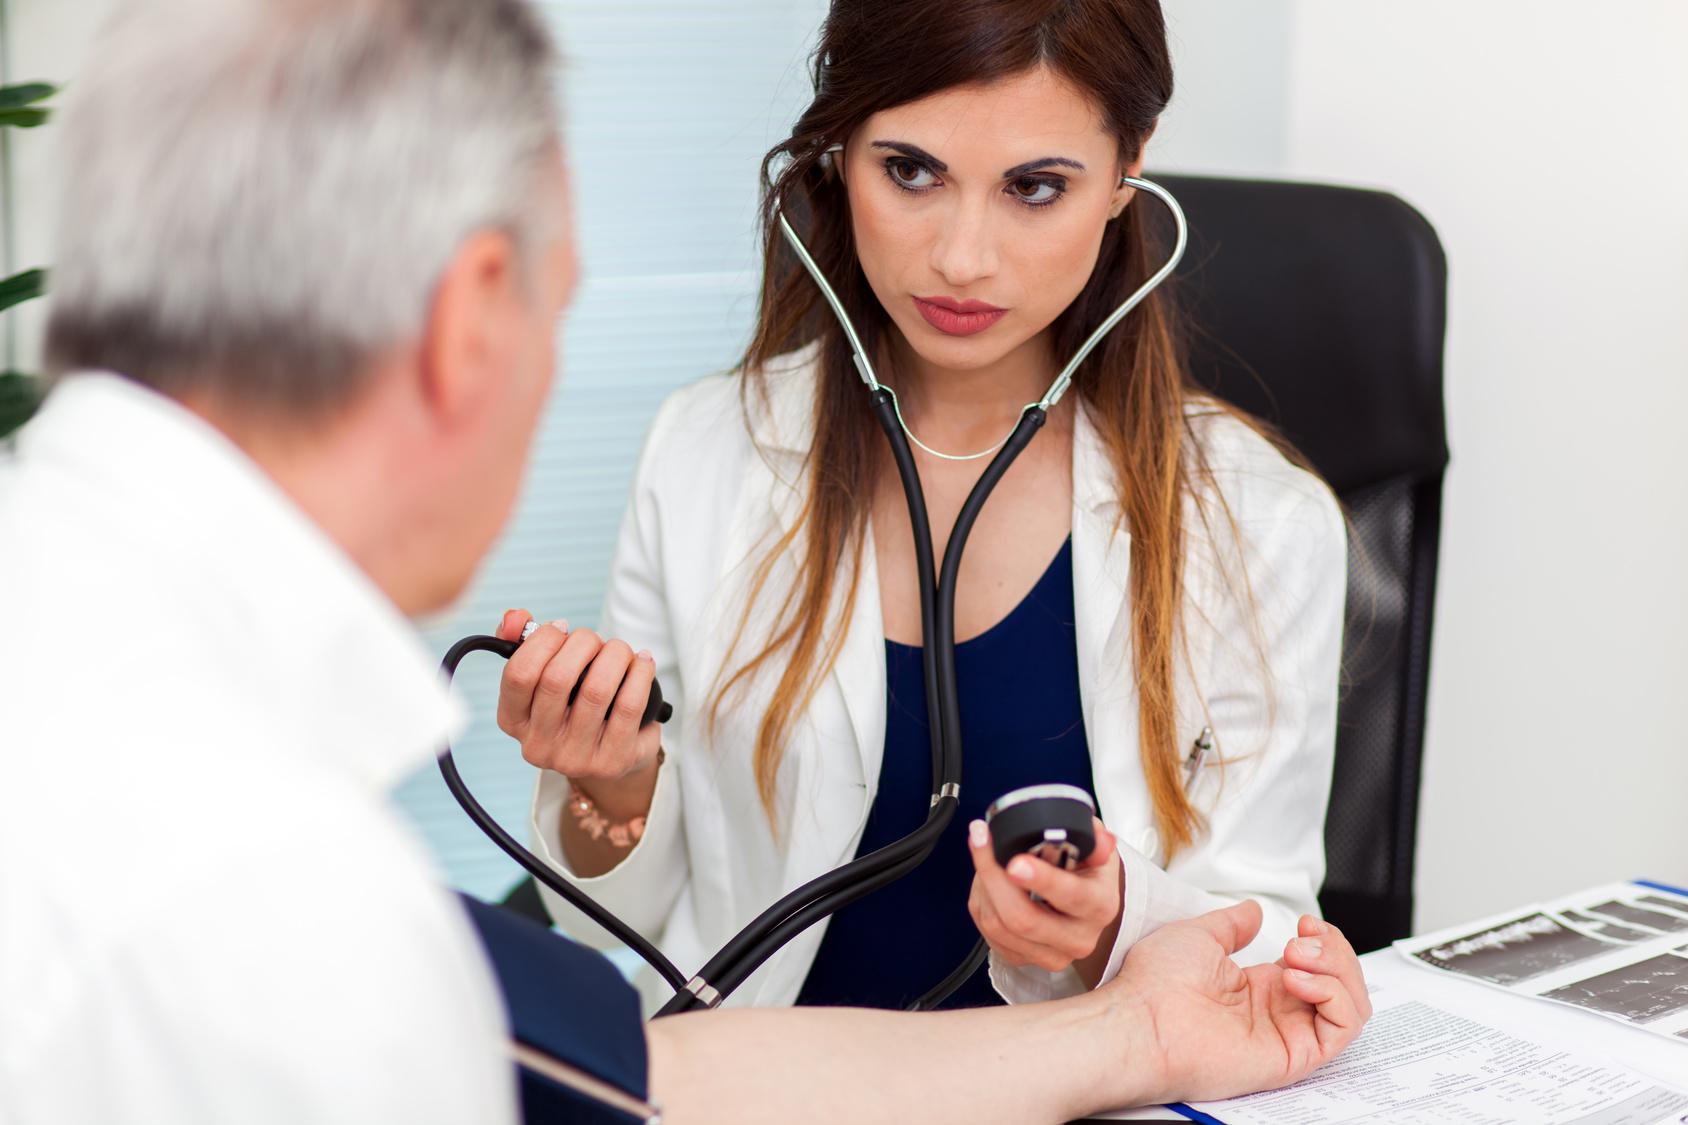 少しぐらい血圧が低いのはそんなに問題じゃない、と放置していませんか?